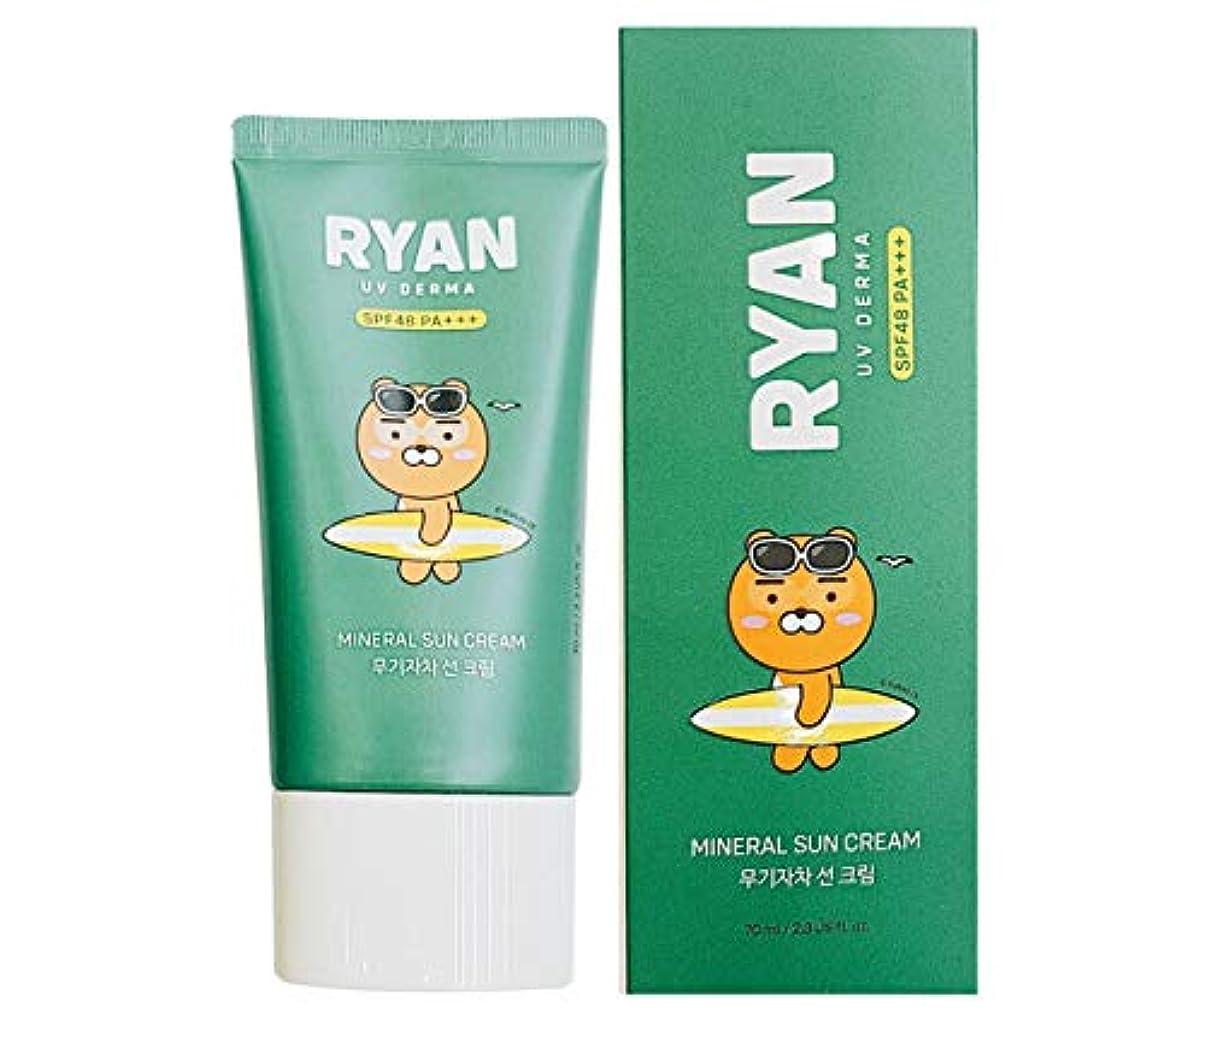 病的最大限ミンチ[ザ?フェイスショップ] THE FACE SHOP [カカオフレンズ ライオン UVデルマ ミネラル サンクリーム 70ml] (Kakao Friends RYAN UV Derma Mineral Sun Cream...